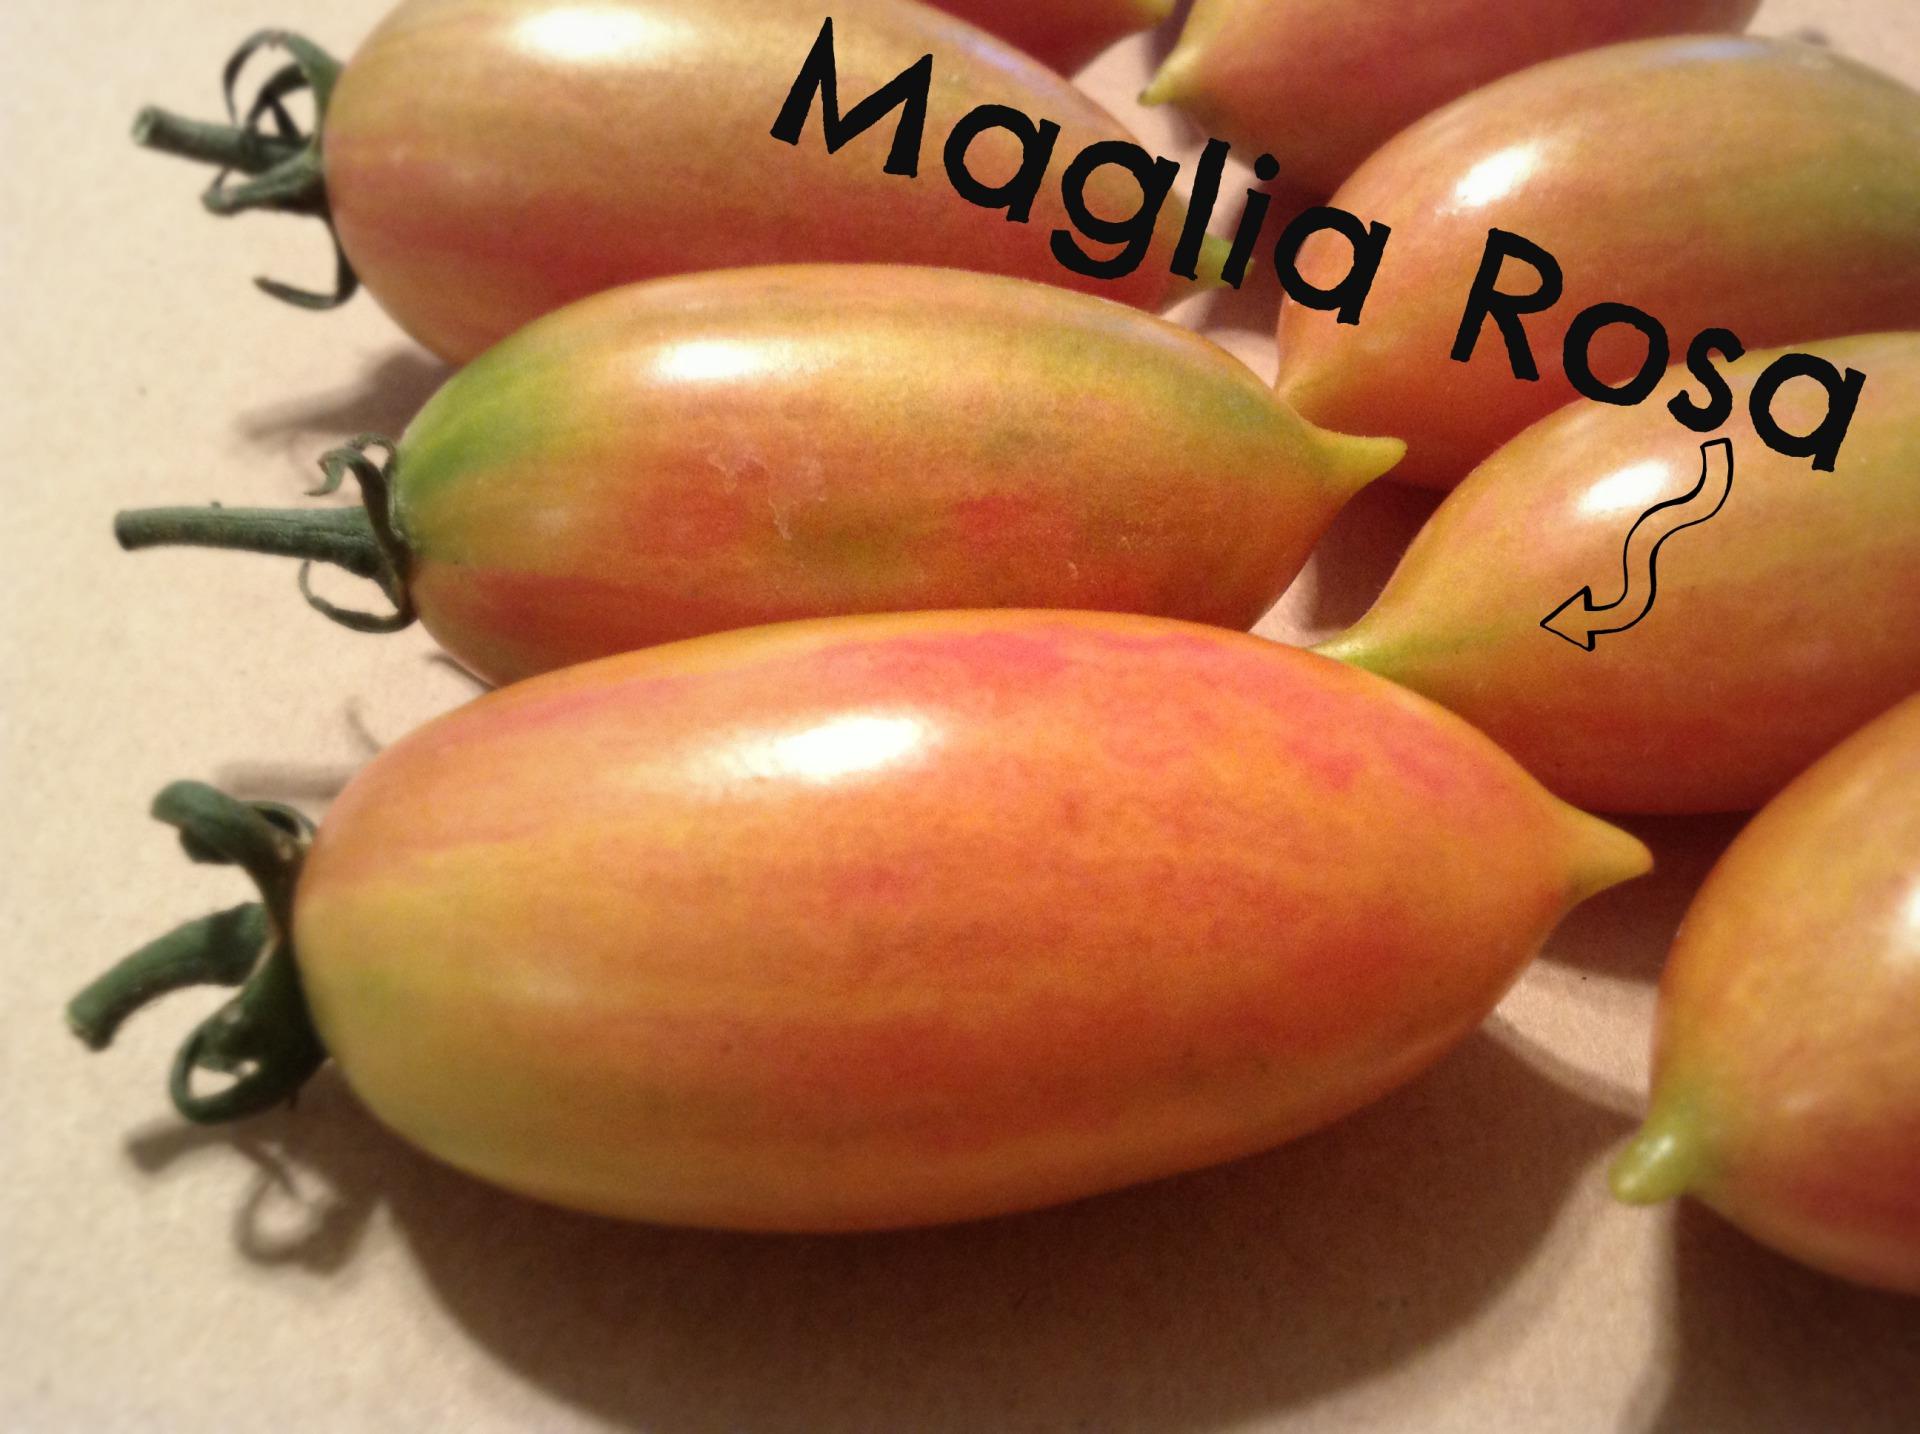 maglia rosa tomato